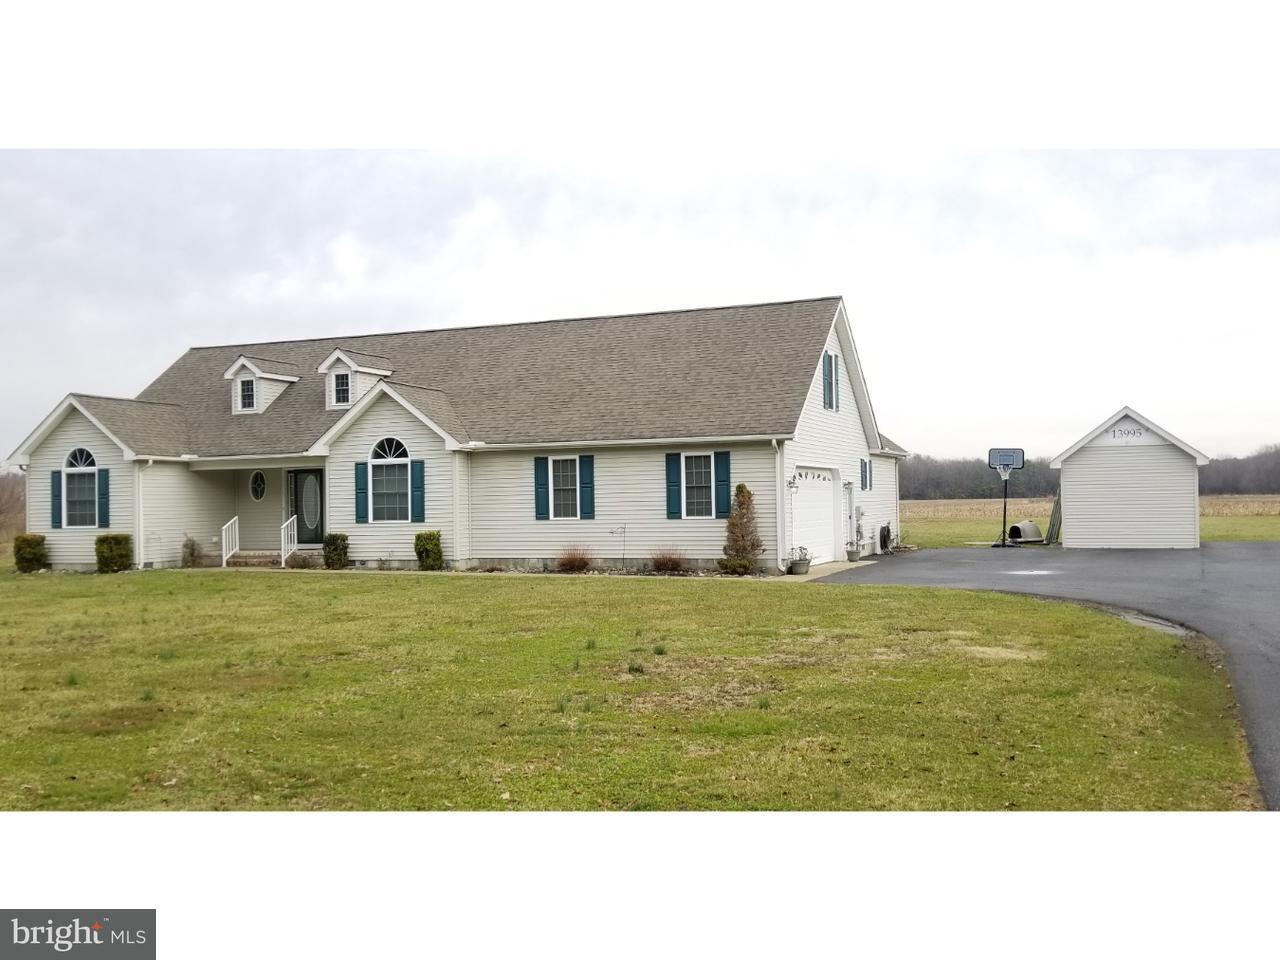 一戸建て のために 売買 アット 13995 MILE STRETCH Road Greenwood, デラウェア 19950 アメリカ合衆国